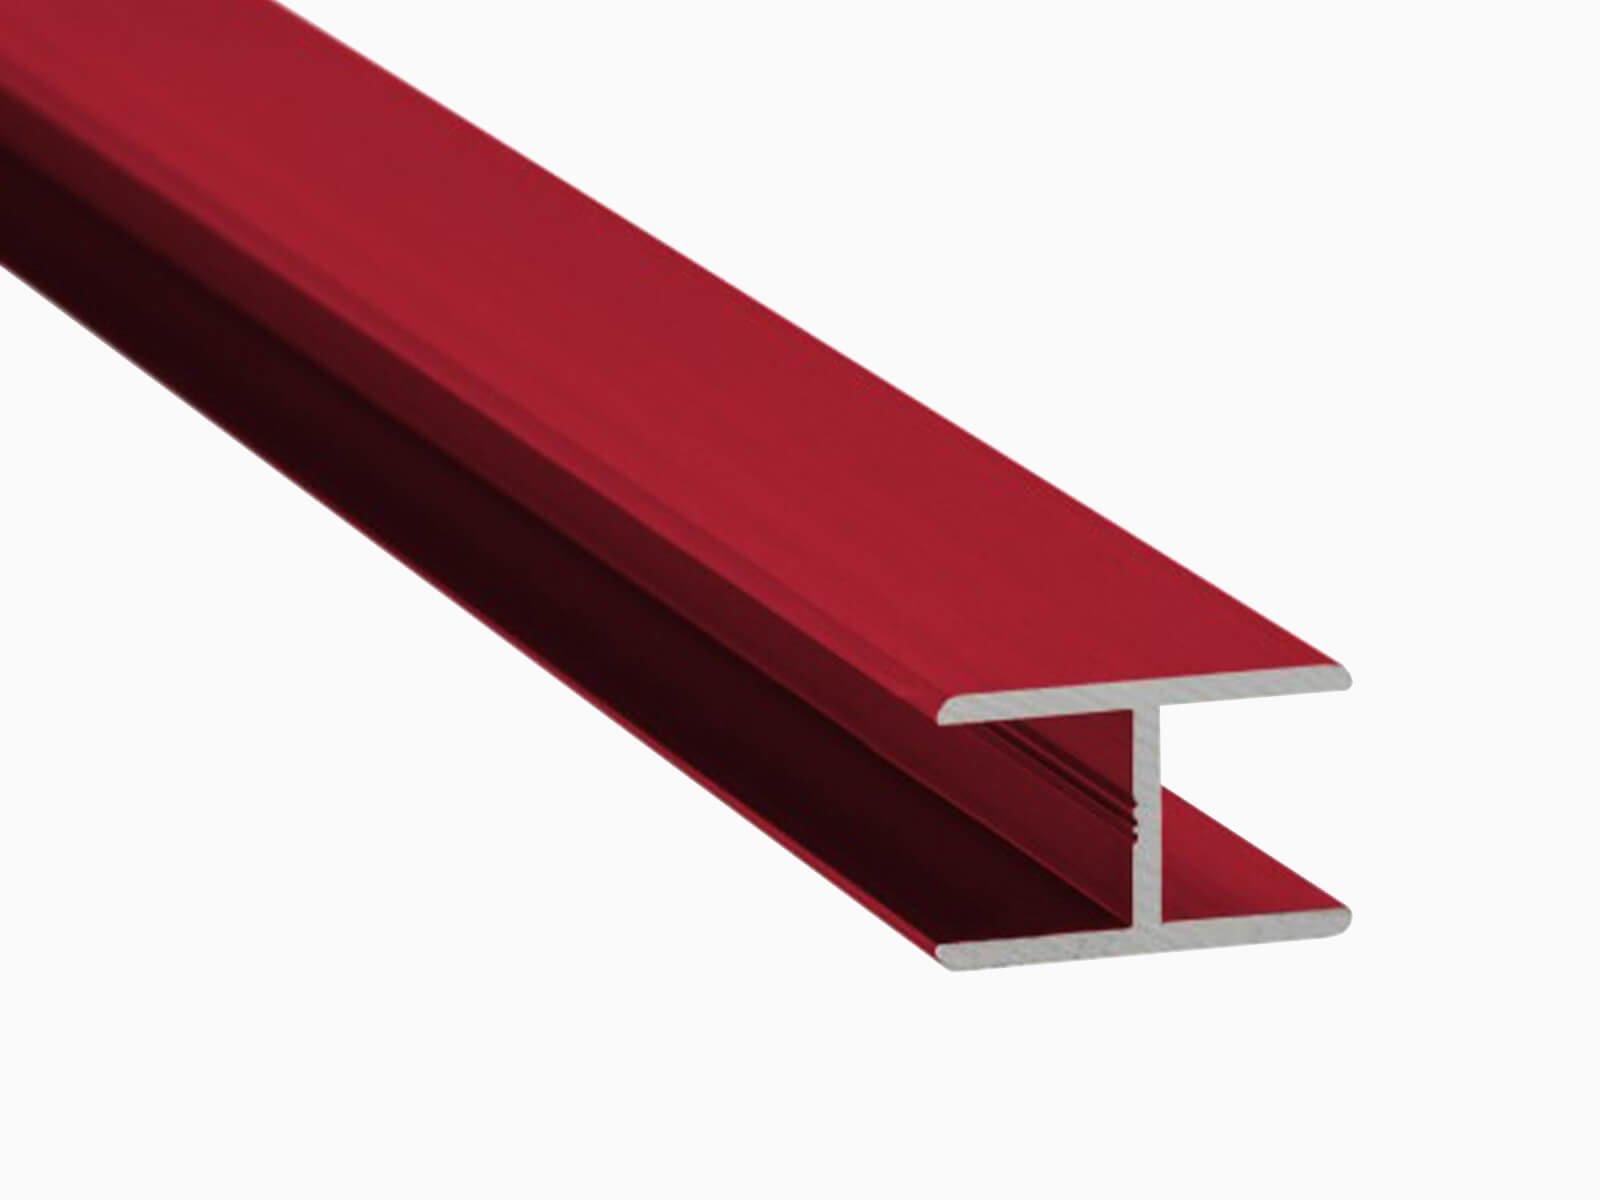 H-Profil für Glaszäune Schutz vor Delemanierung und Stoss individuelle Beschichtung